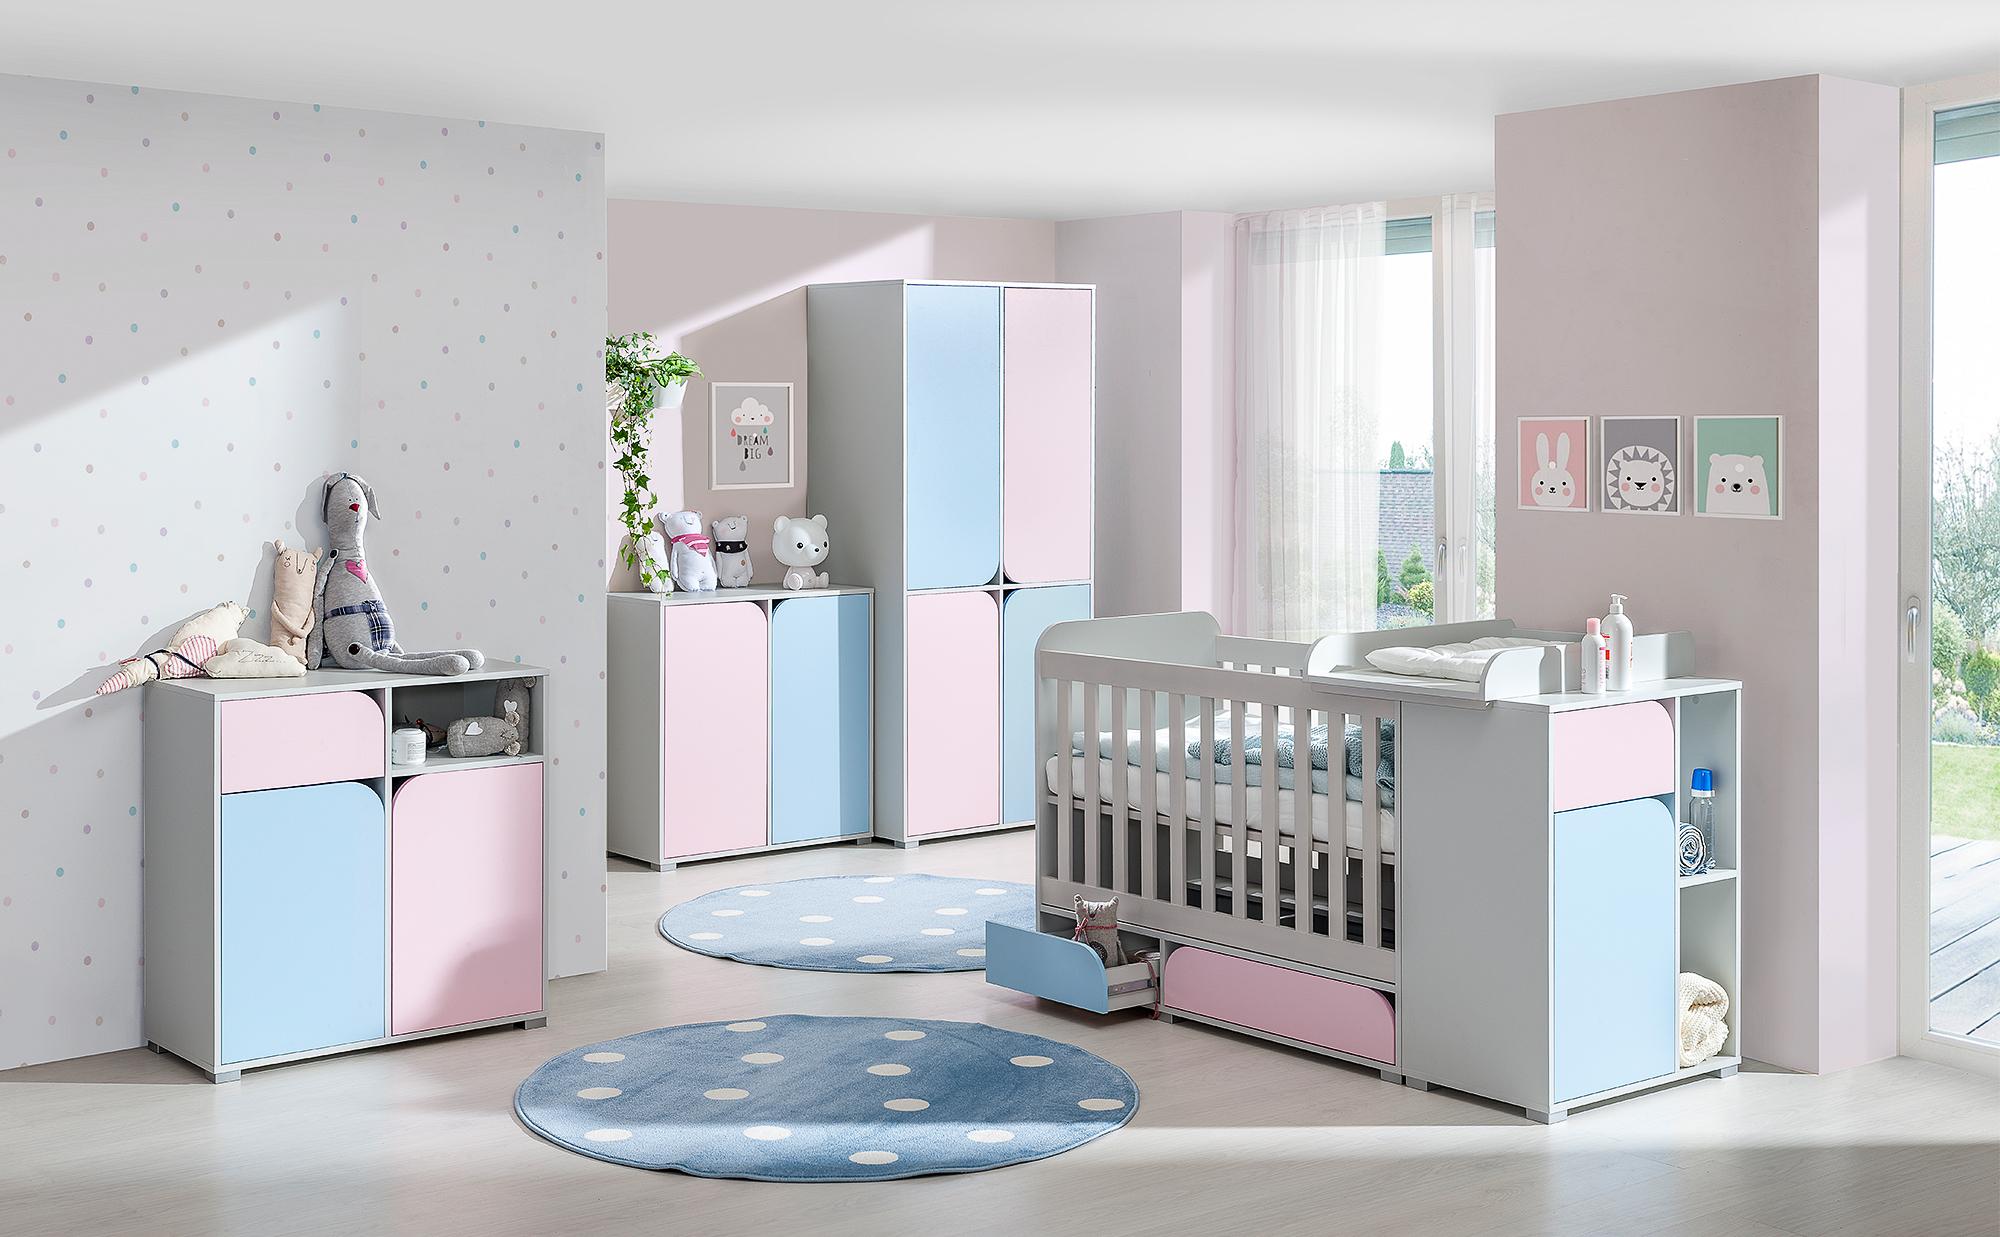 Dětský pokojíček Minimo sestava A - Inspirace a fotogalerie